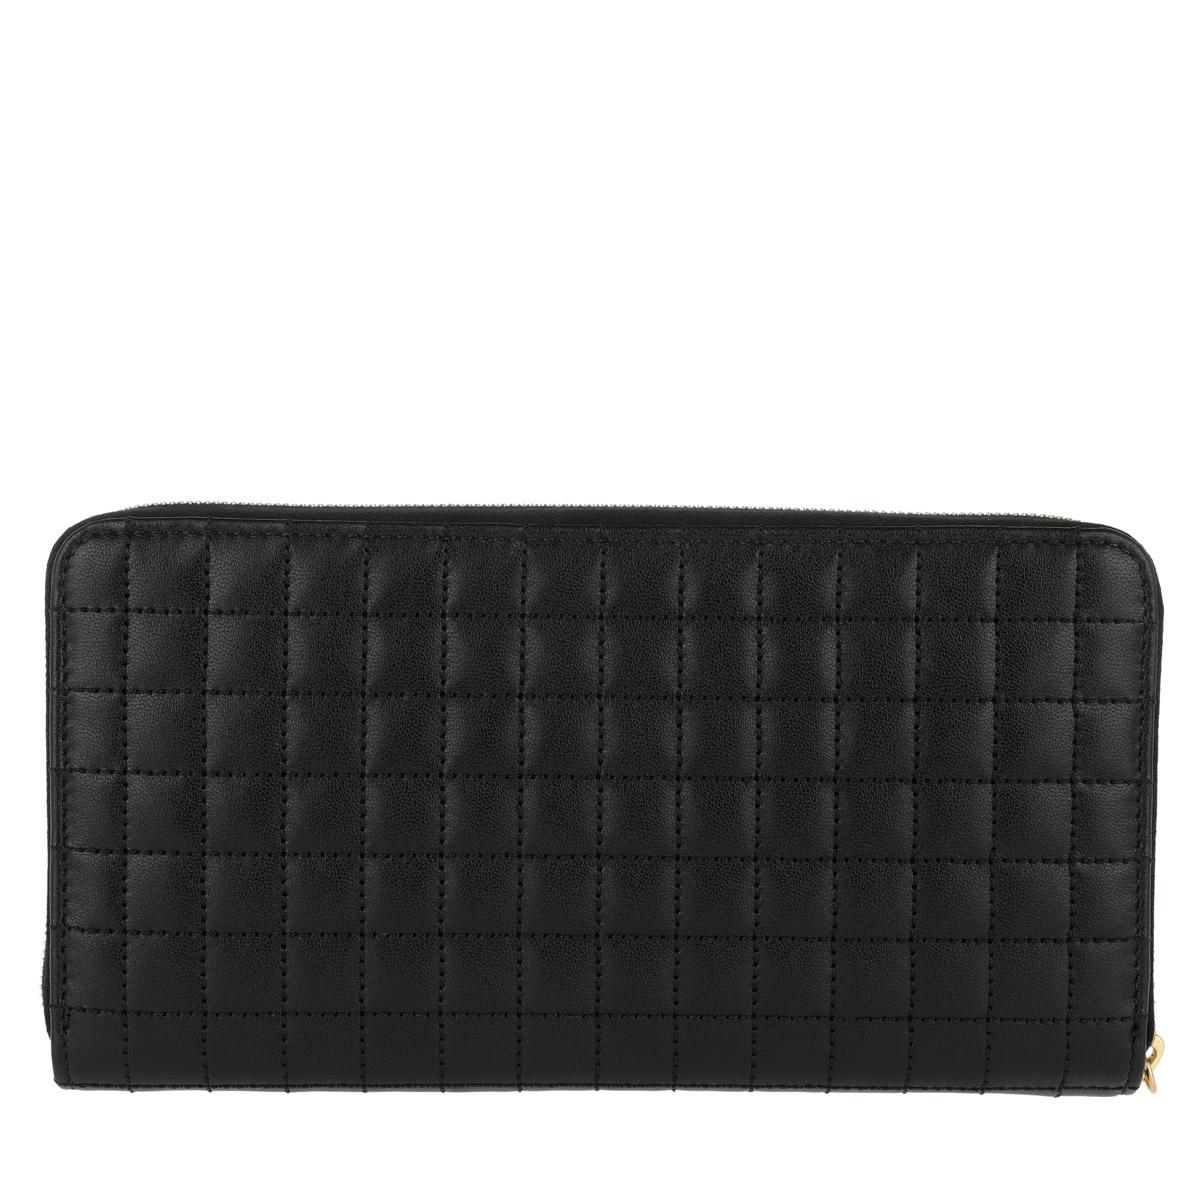 Celine Portemonnaie - C Charm Zipped Wallet Large Quilted Leather Black - in schwarz - für Damen